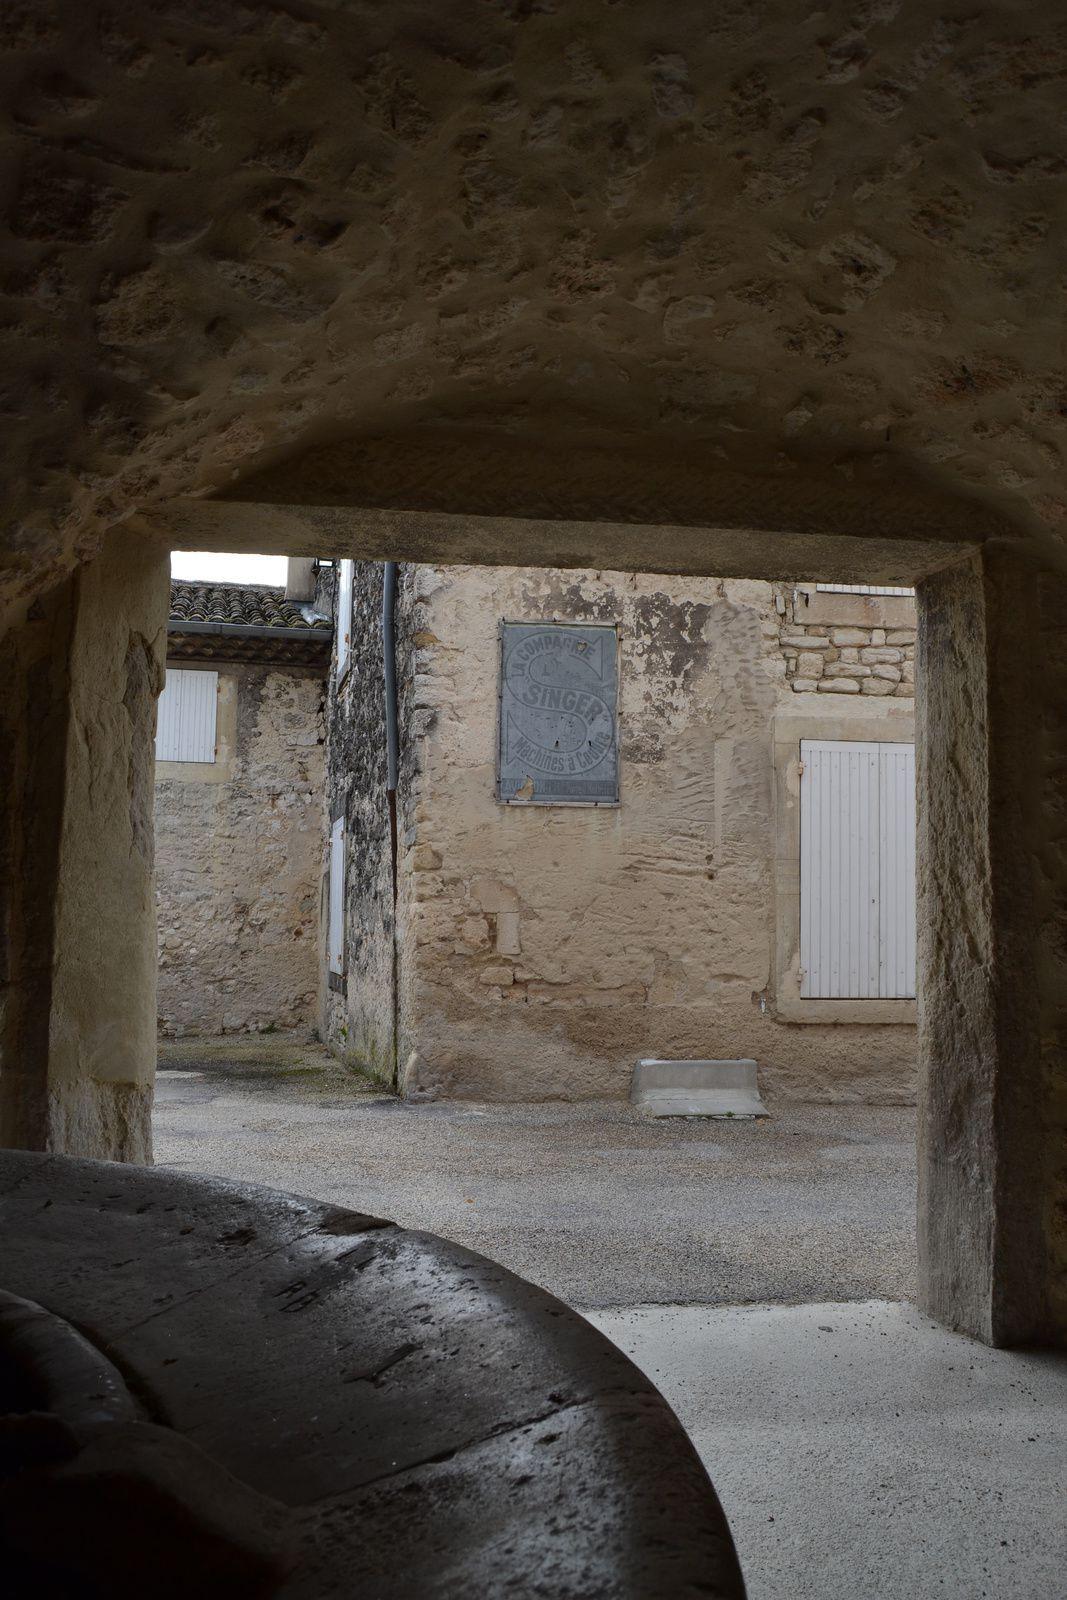 """Sur le mur situé en face du lavoir cette vieille publicité """"SINGER Machines à coudres"""" compléte ce décor du passé."""